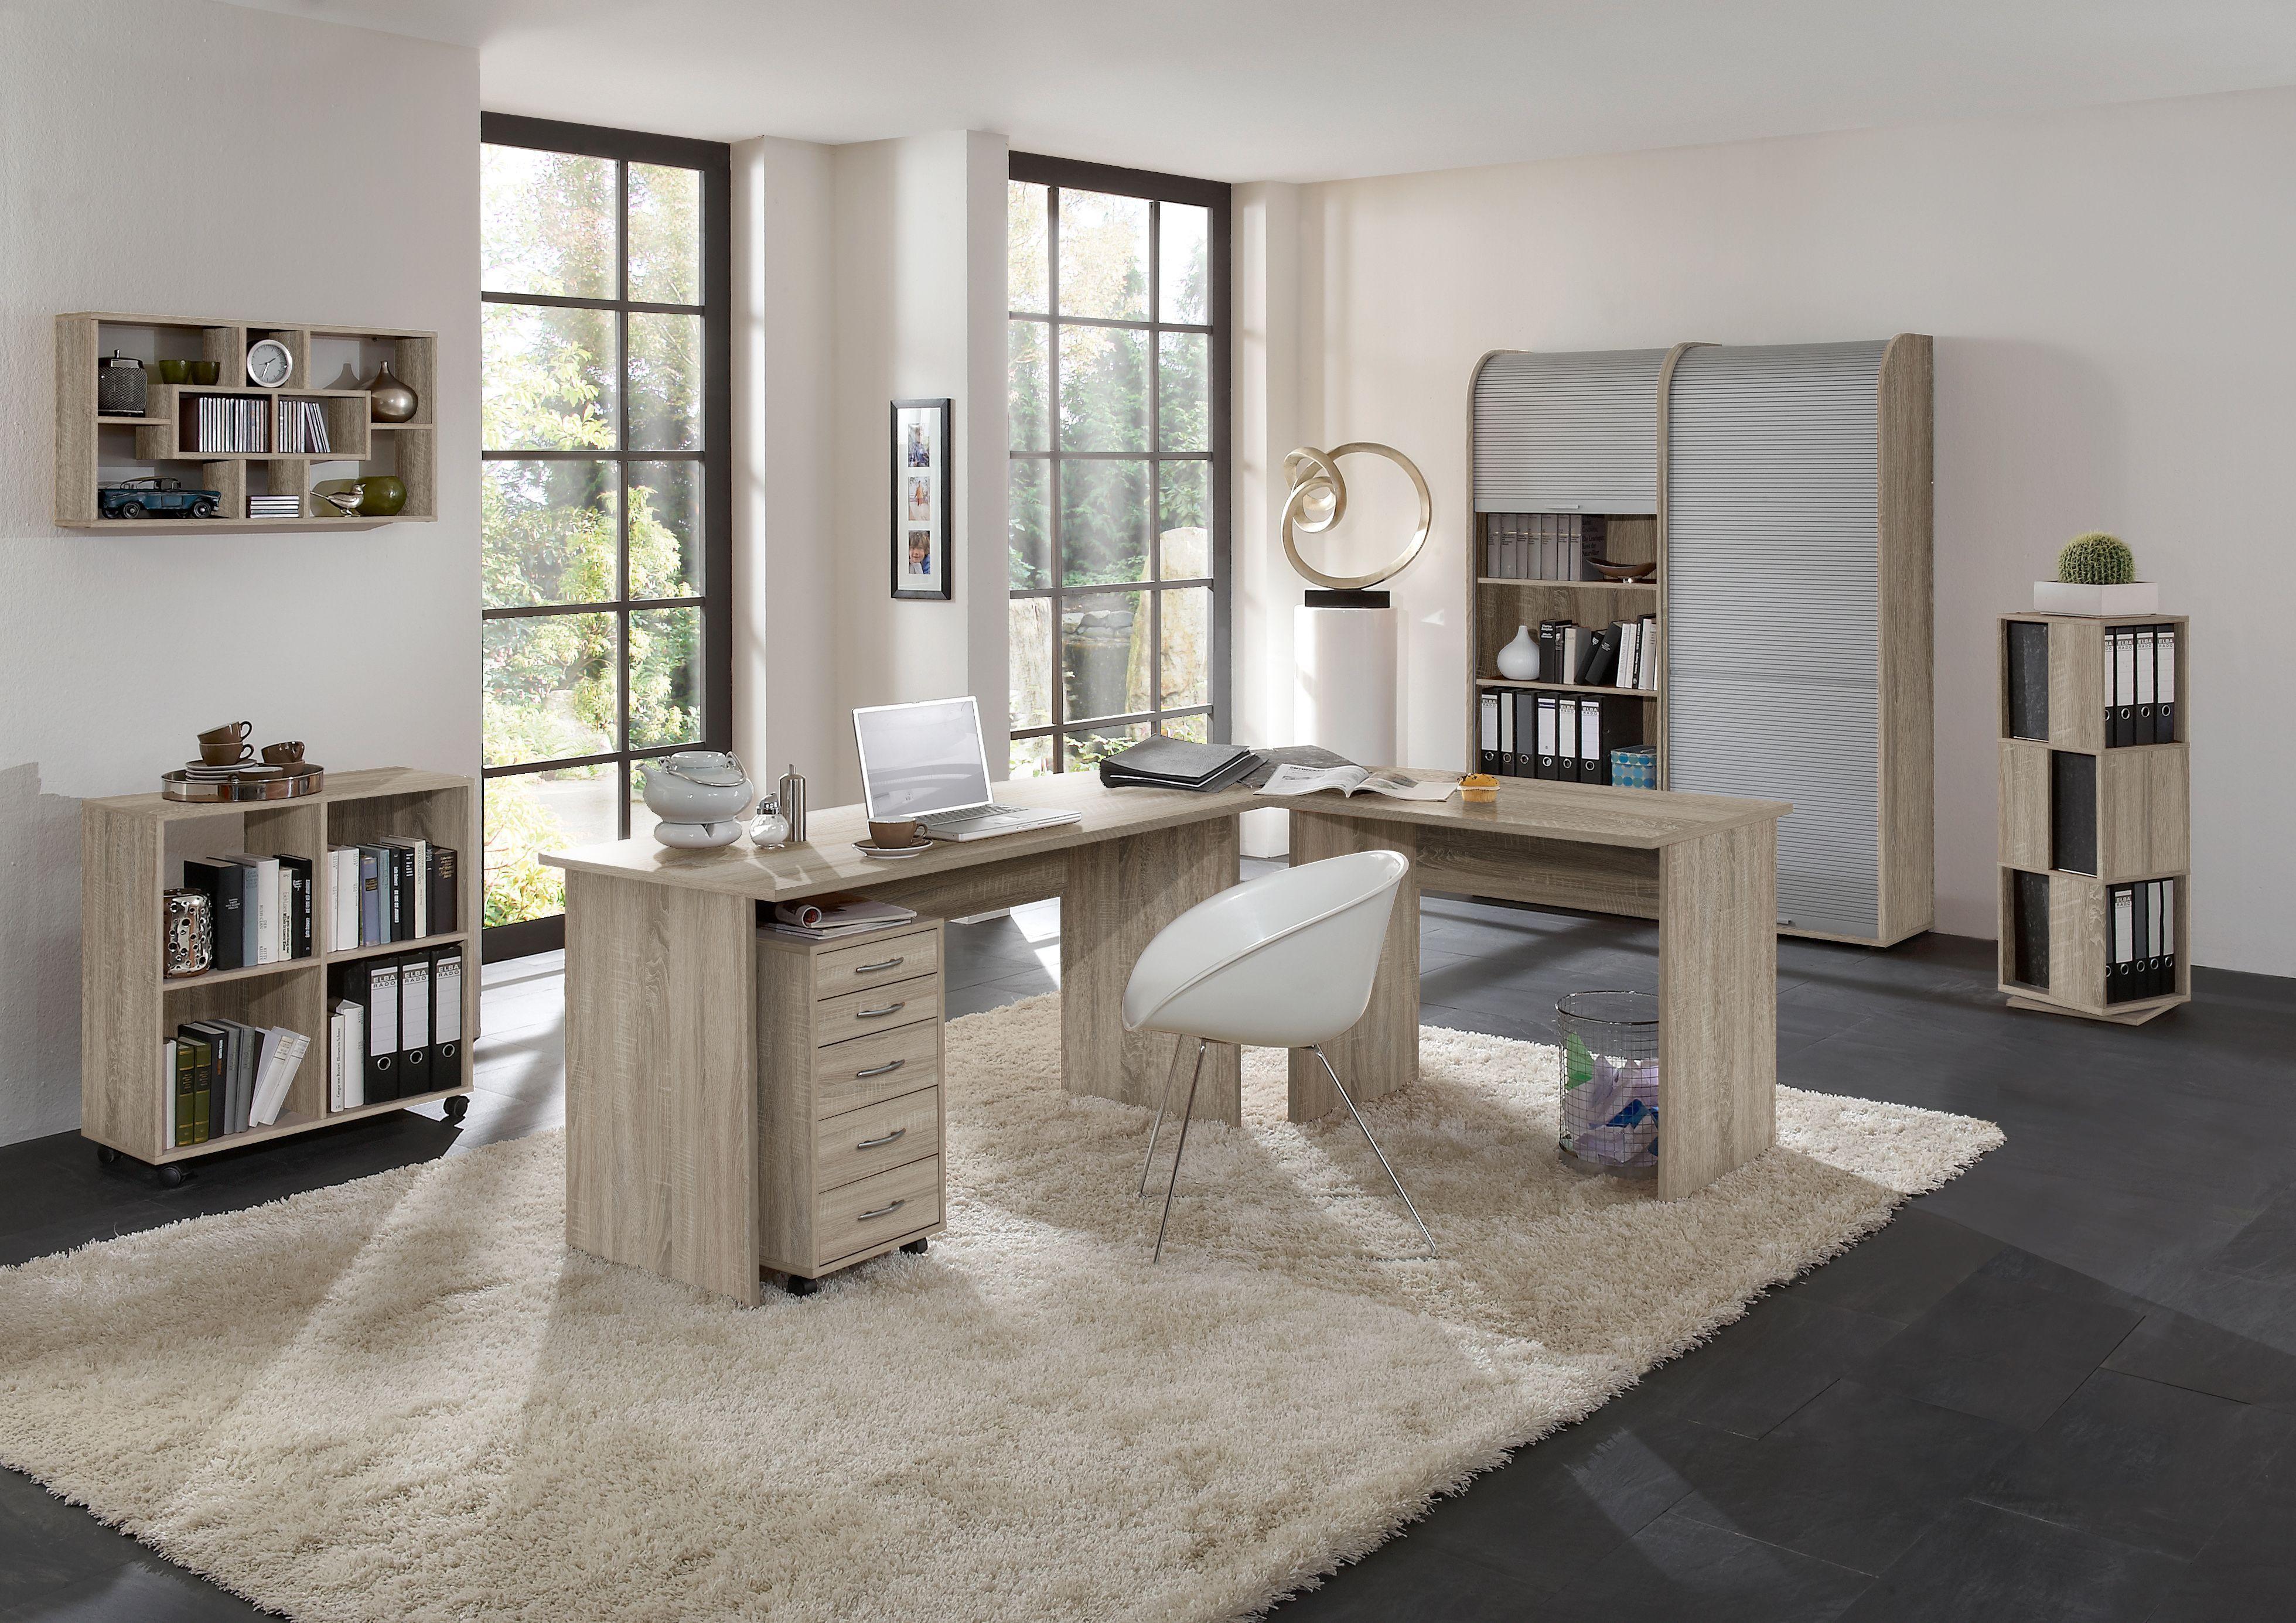 Büromöbel Modern büromöbel set eiche nachbildung bestehend aus schreibtisch